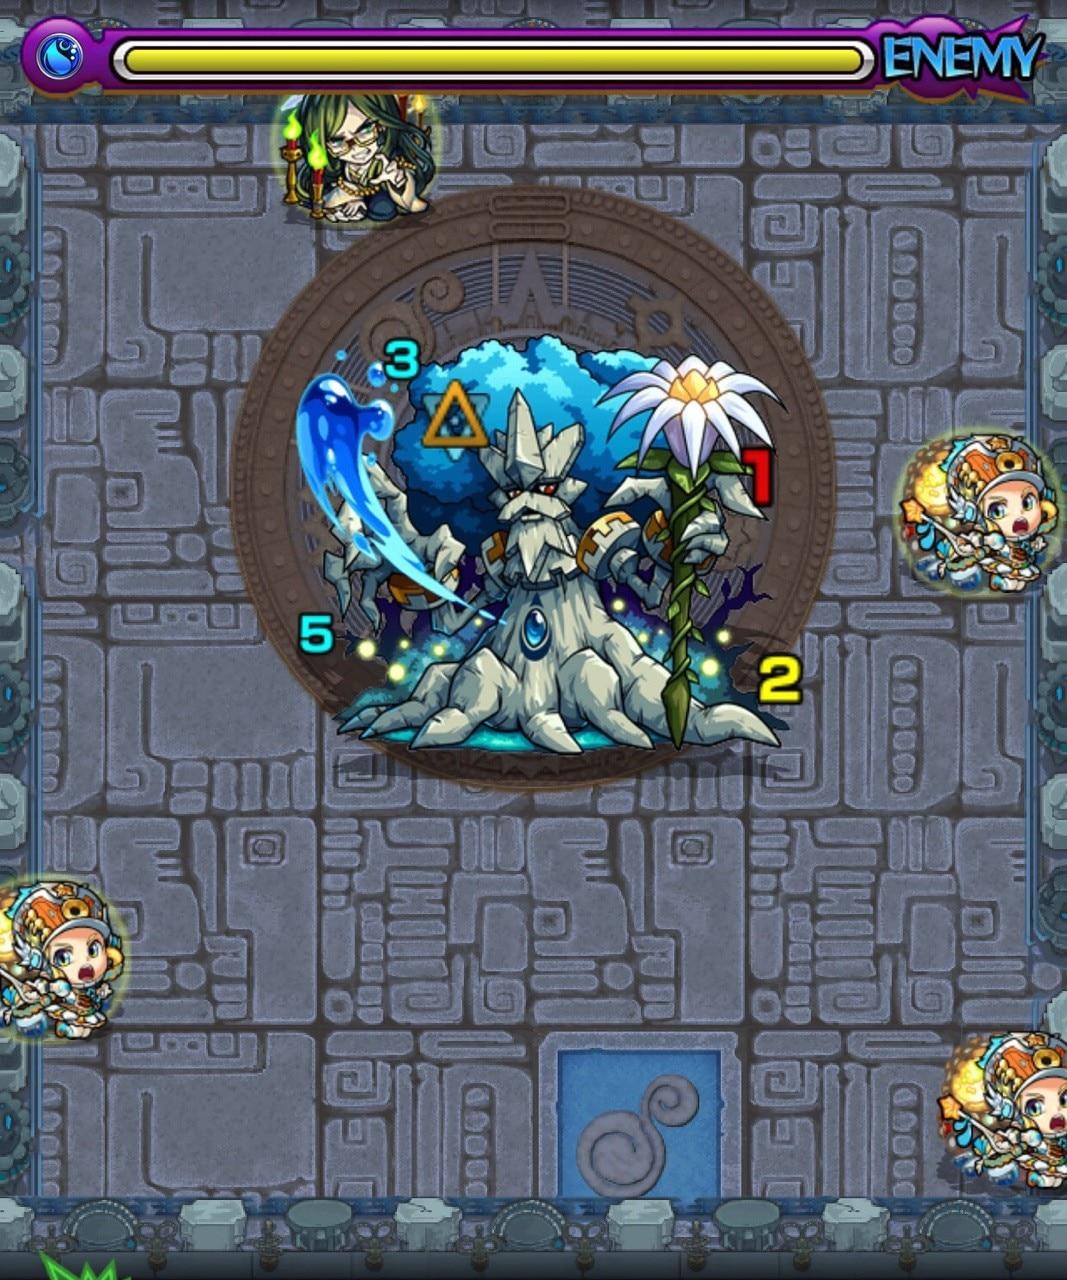 秘泉の神殿(修羅場)第2ステージ(ボーナスステージ)